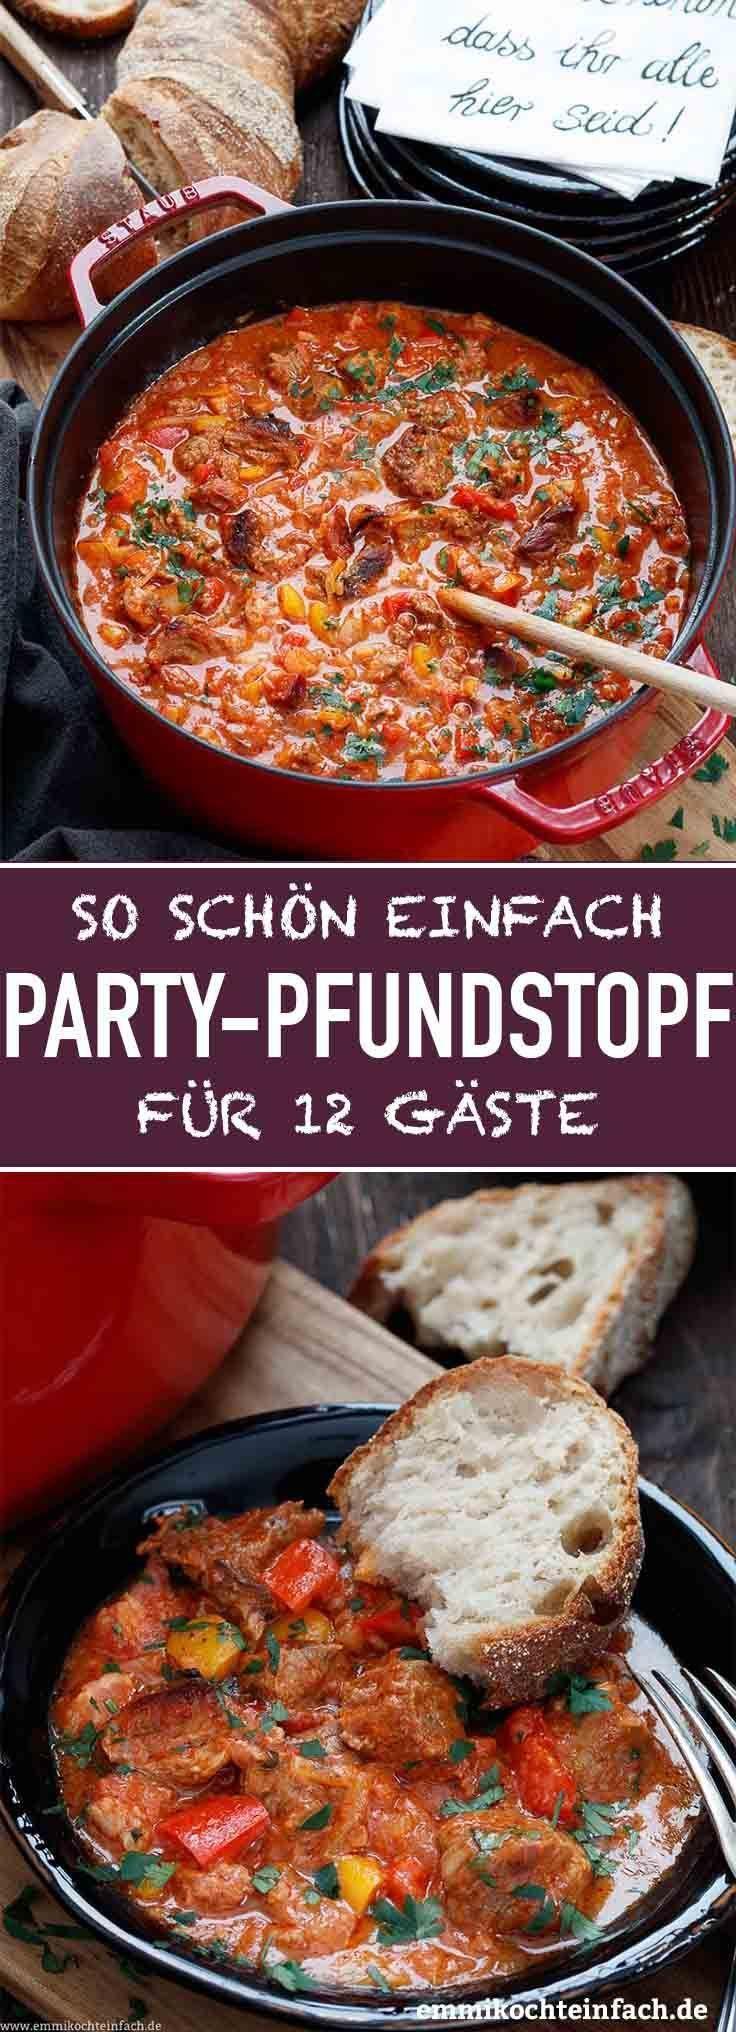 Party Pfundstopf für zwölf – ein einfaches Partyessen